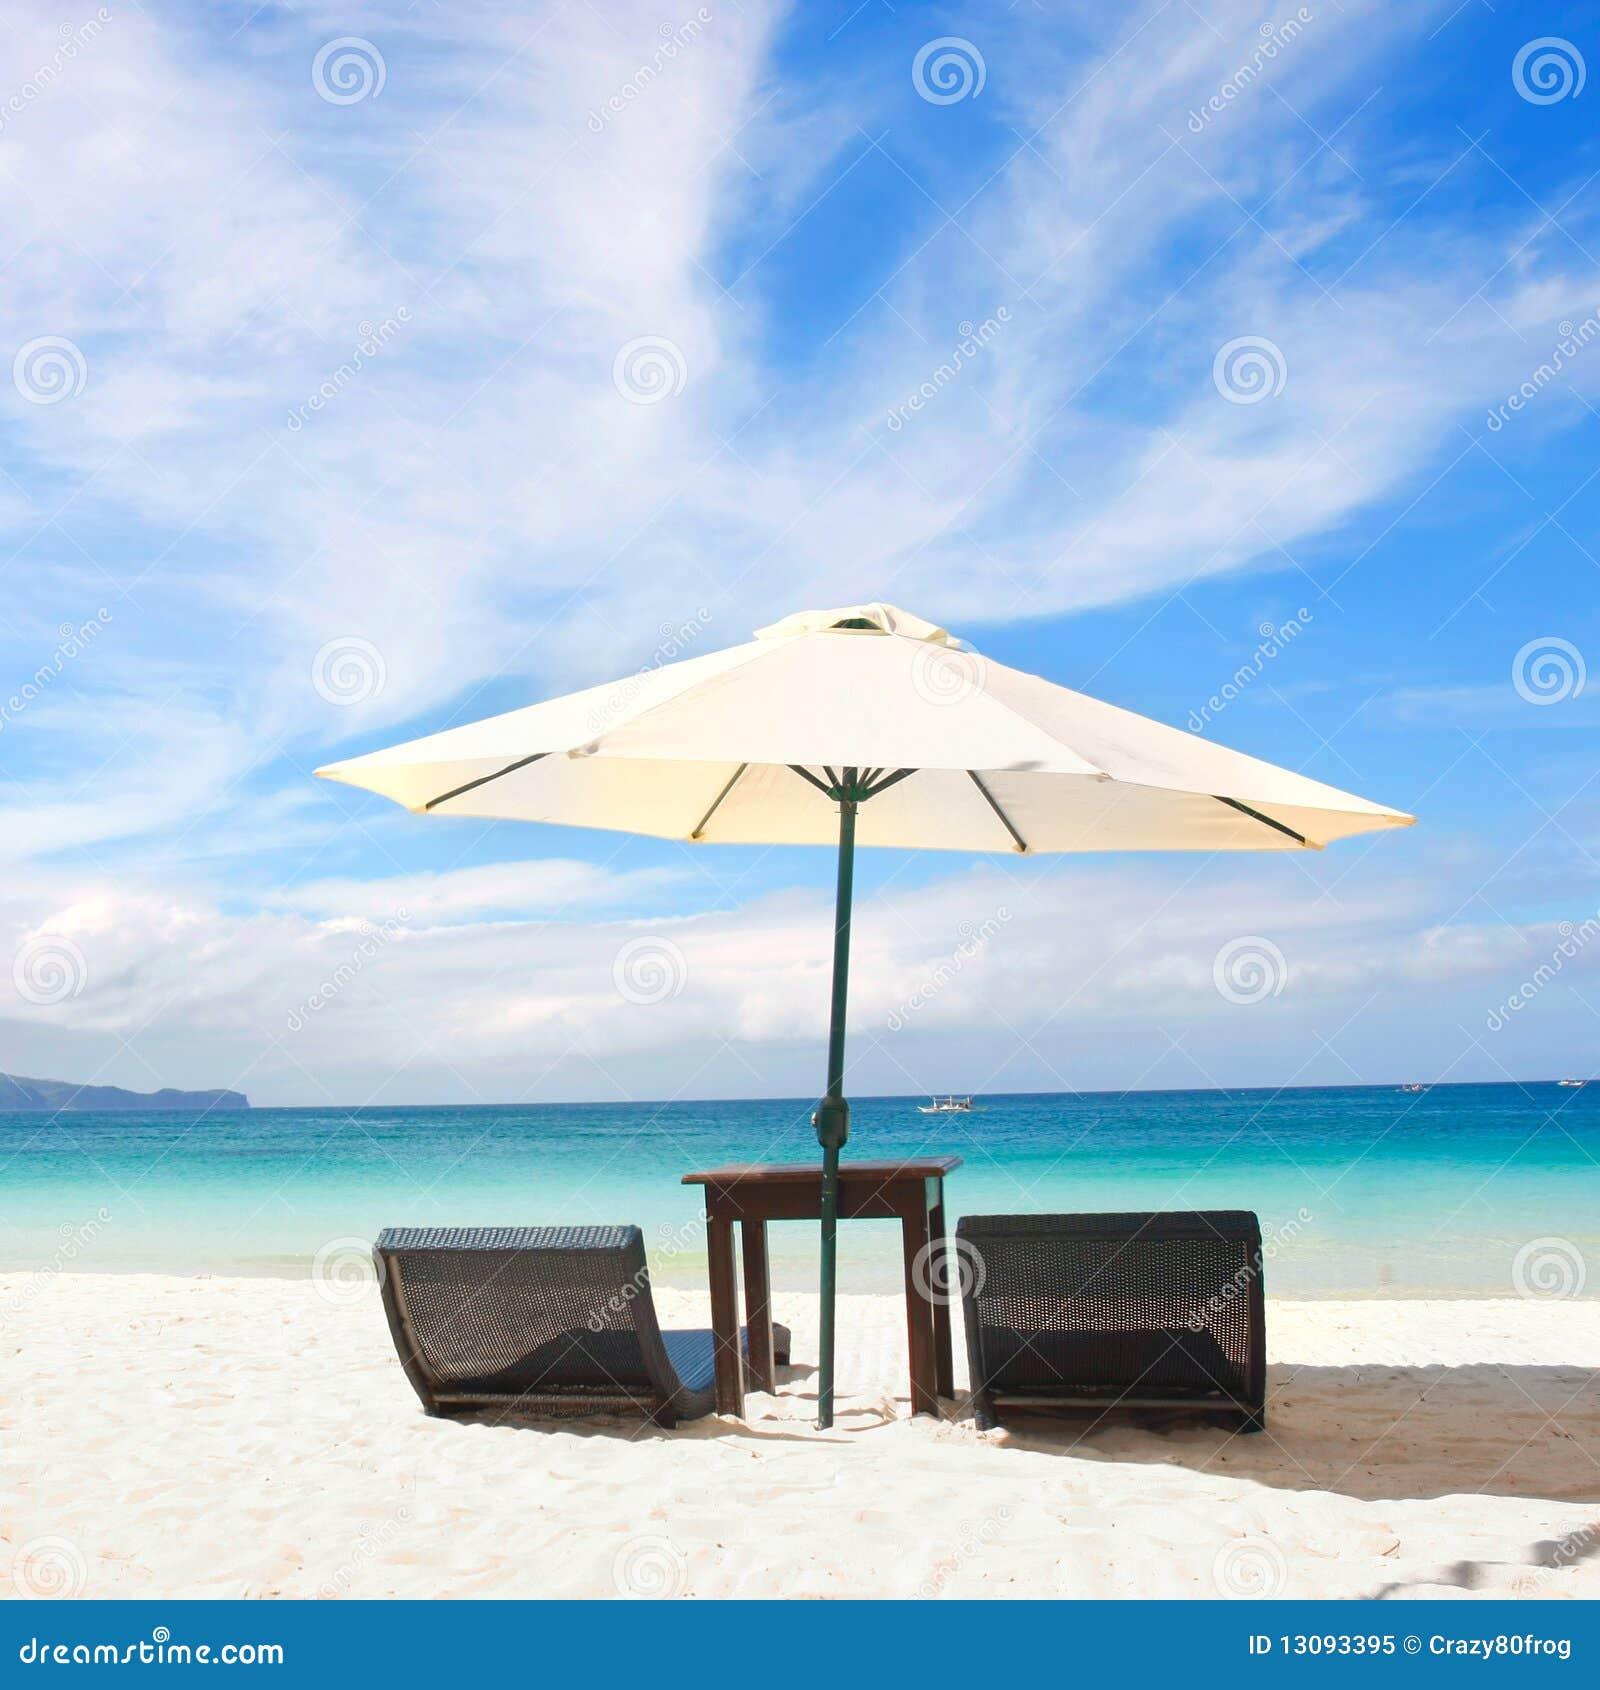 Beach chair with umbrella - Beach Sand Umbrella